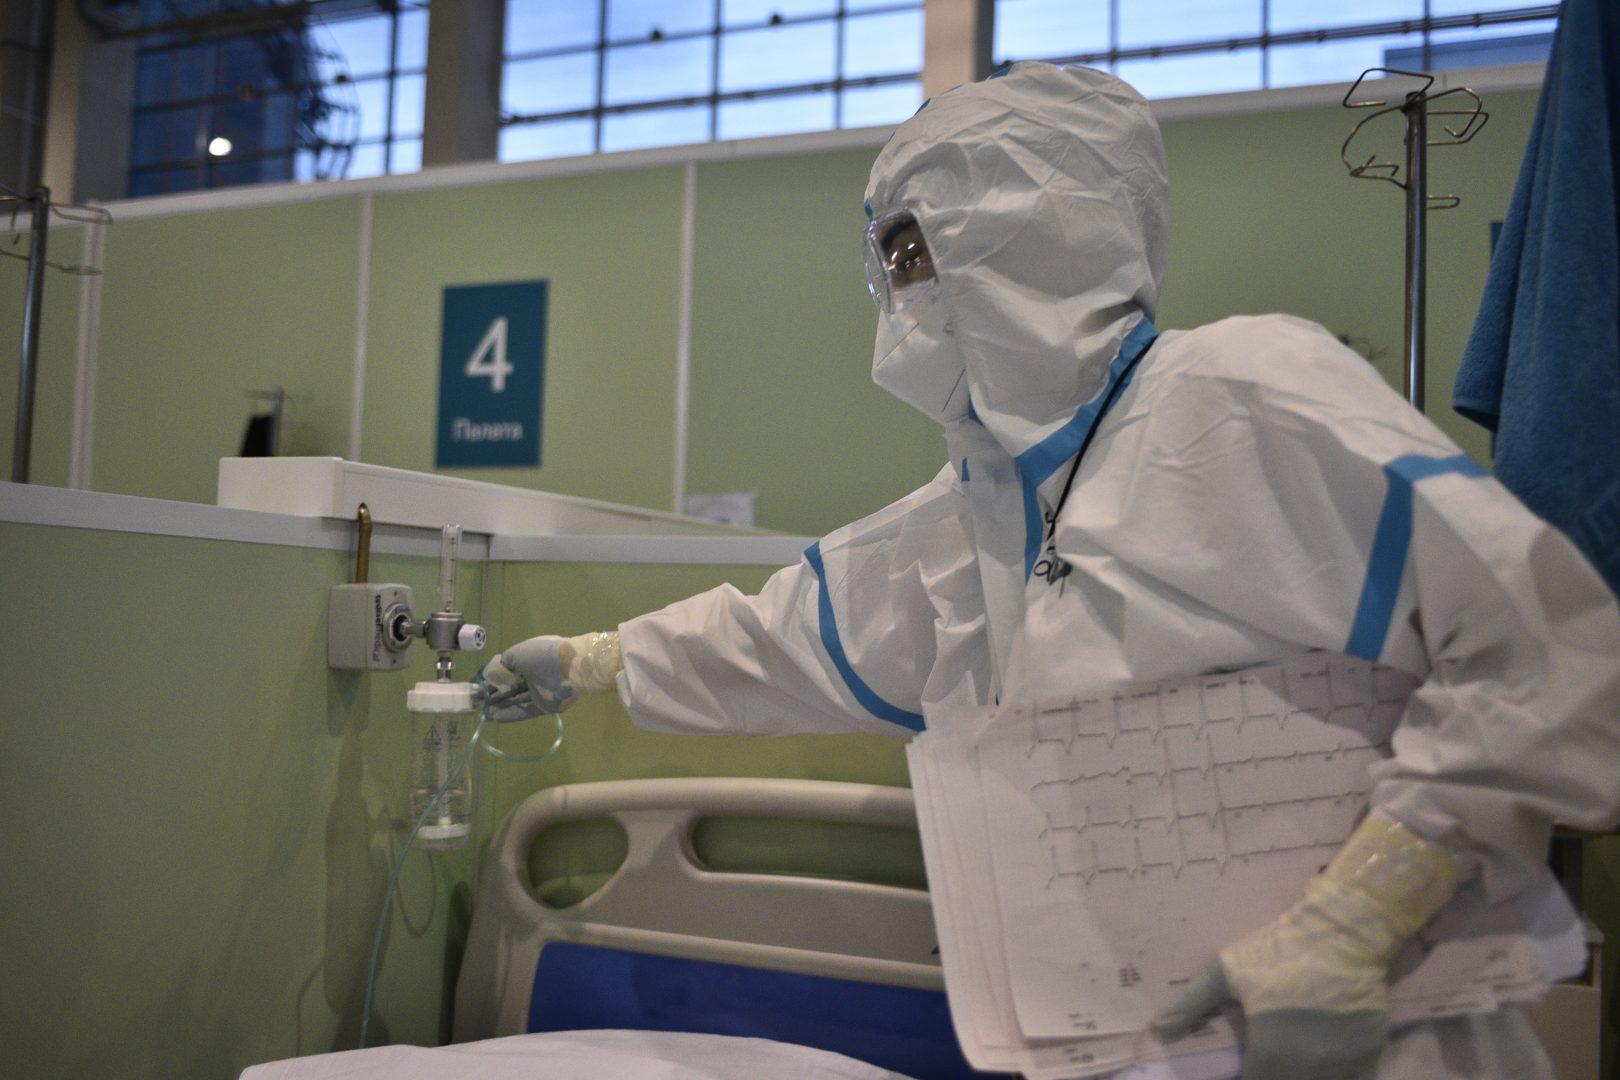 Более четырех тысяч людей заразились коронавирусной инфекцией. Фото: Пелагея Замятина, «Вечерняя Москва»